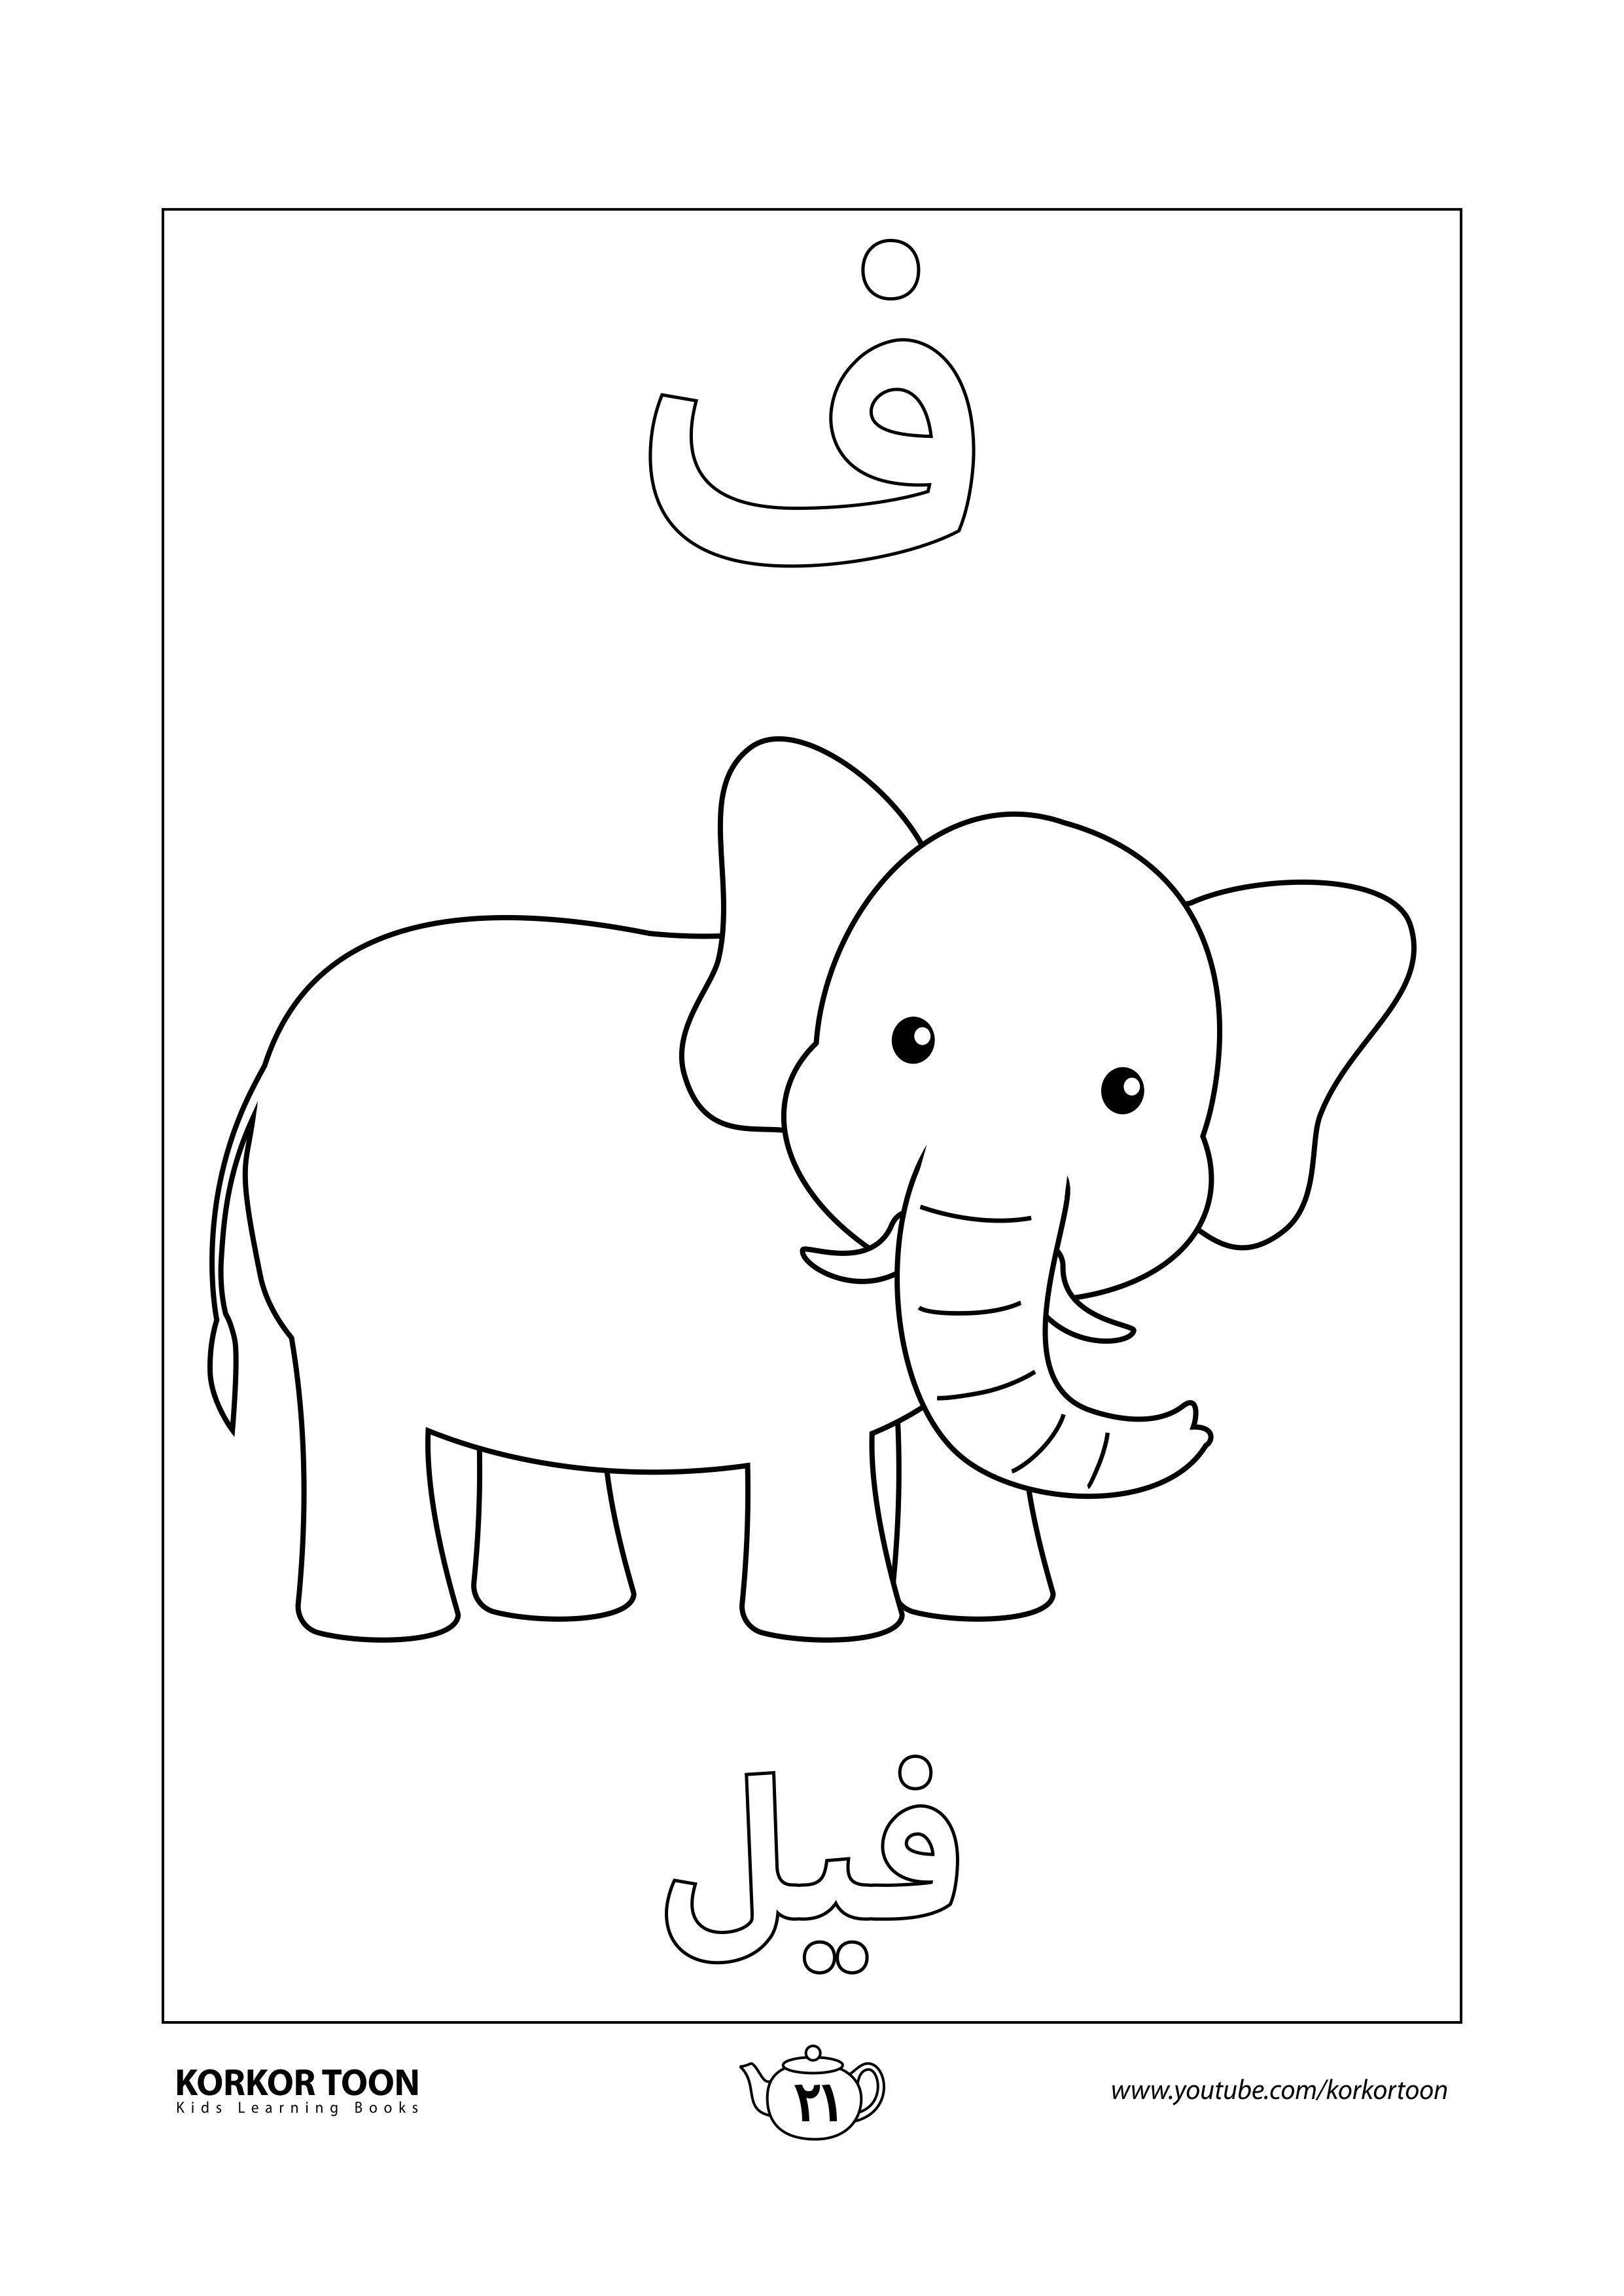 صفحة تلوين حرف الفاء كتاب تلوين الحروف العربية للأطفال Ebooks Fictional Characters Character